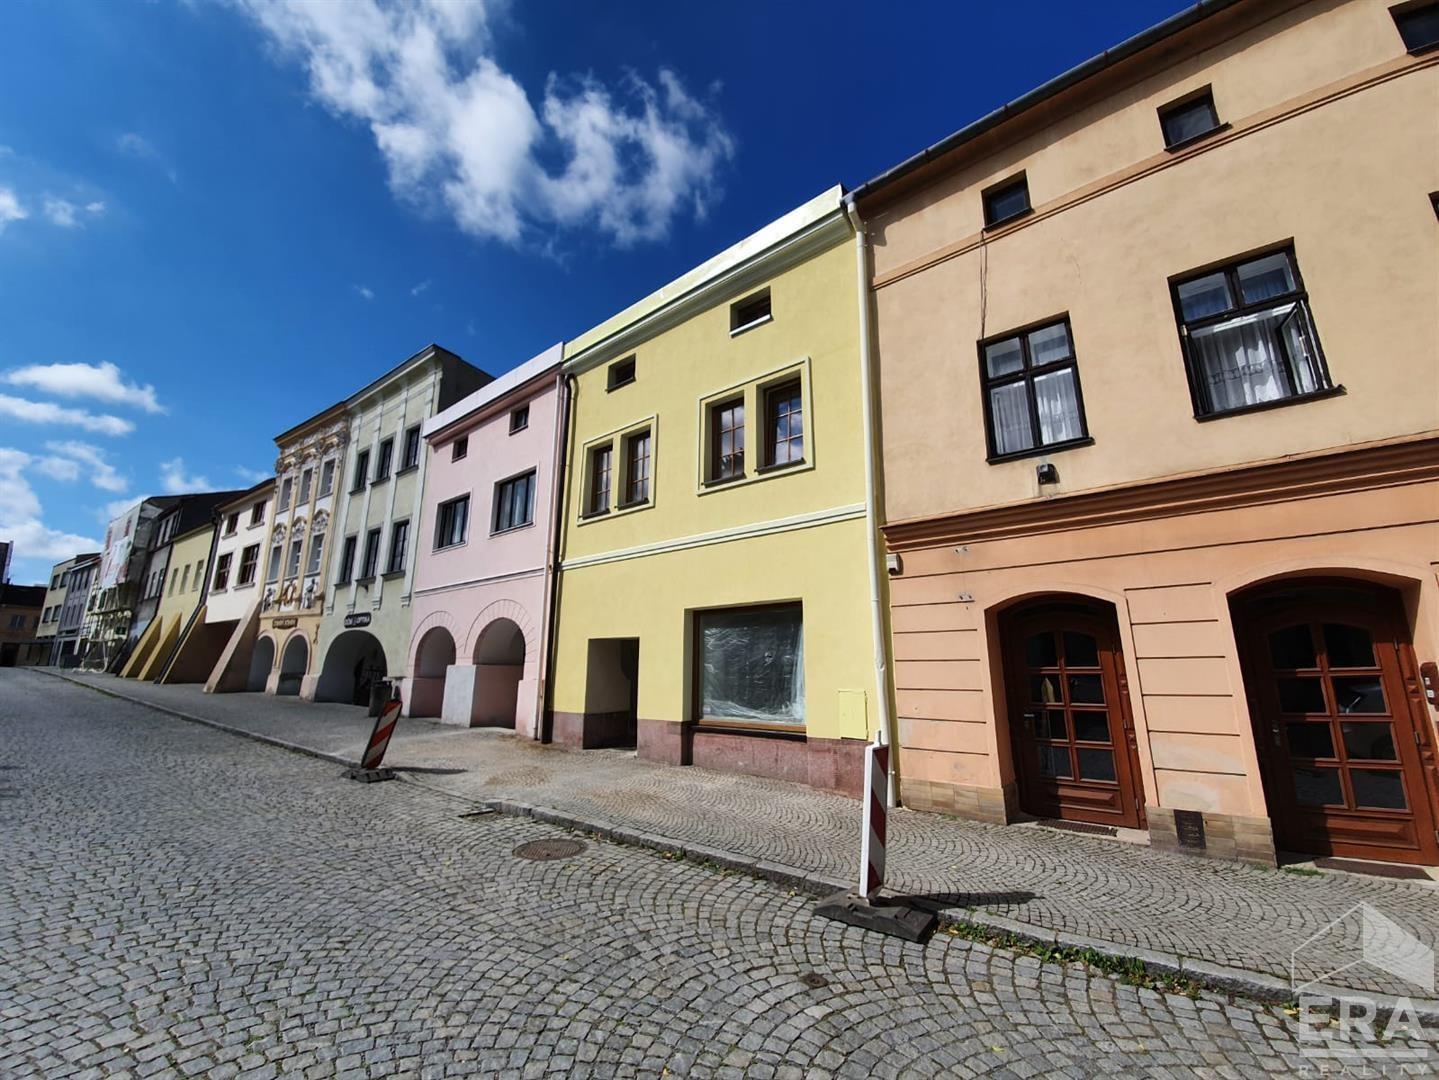 PRONAJATO – Pronájem bytu o disp. 1+1 s parkovacím místem na ul. J. A. Komenského v městě Brušperku okr. FM